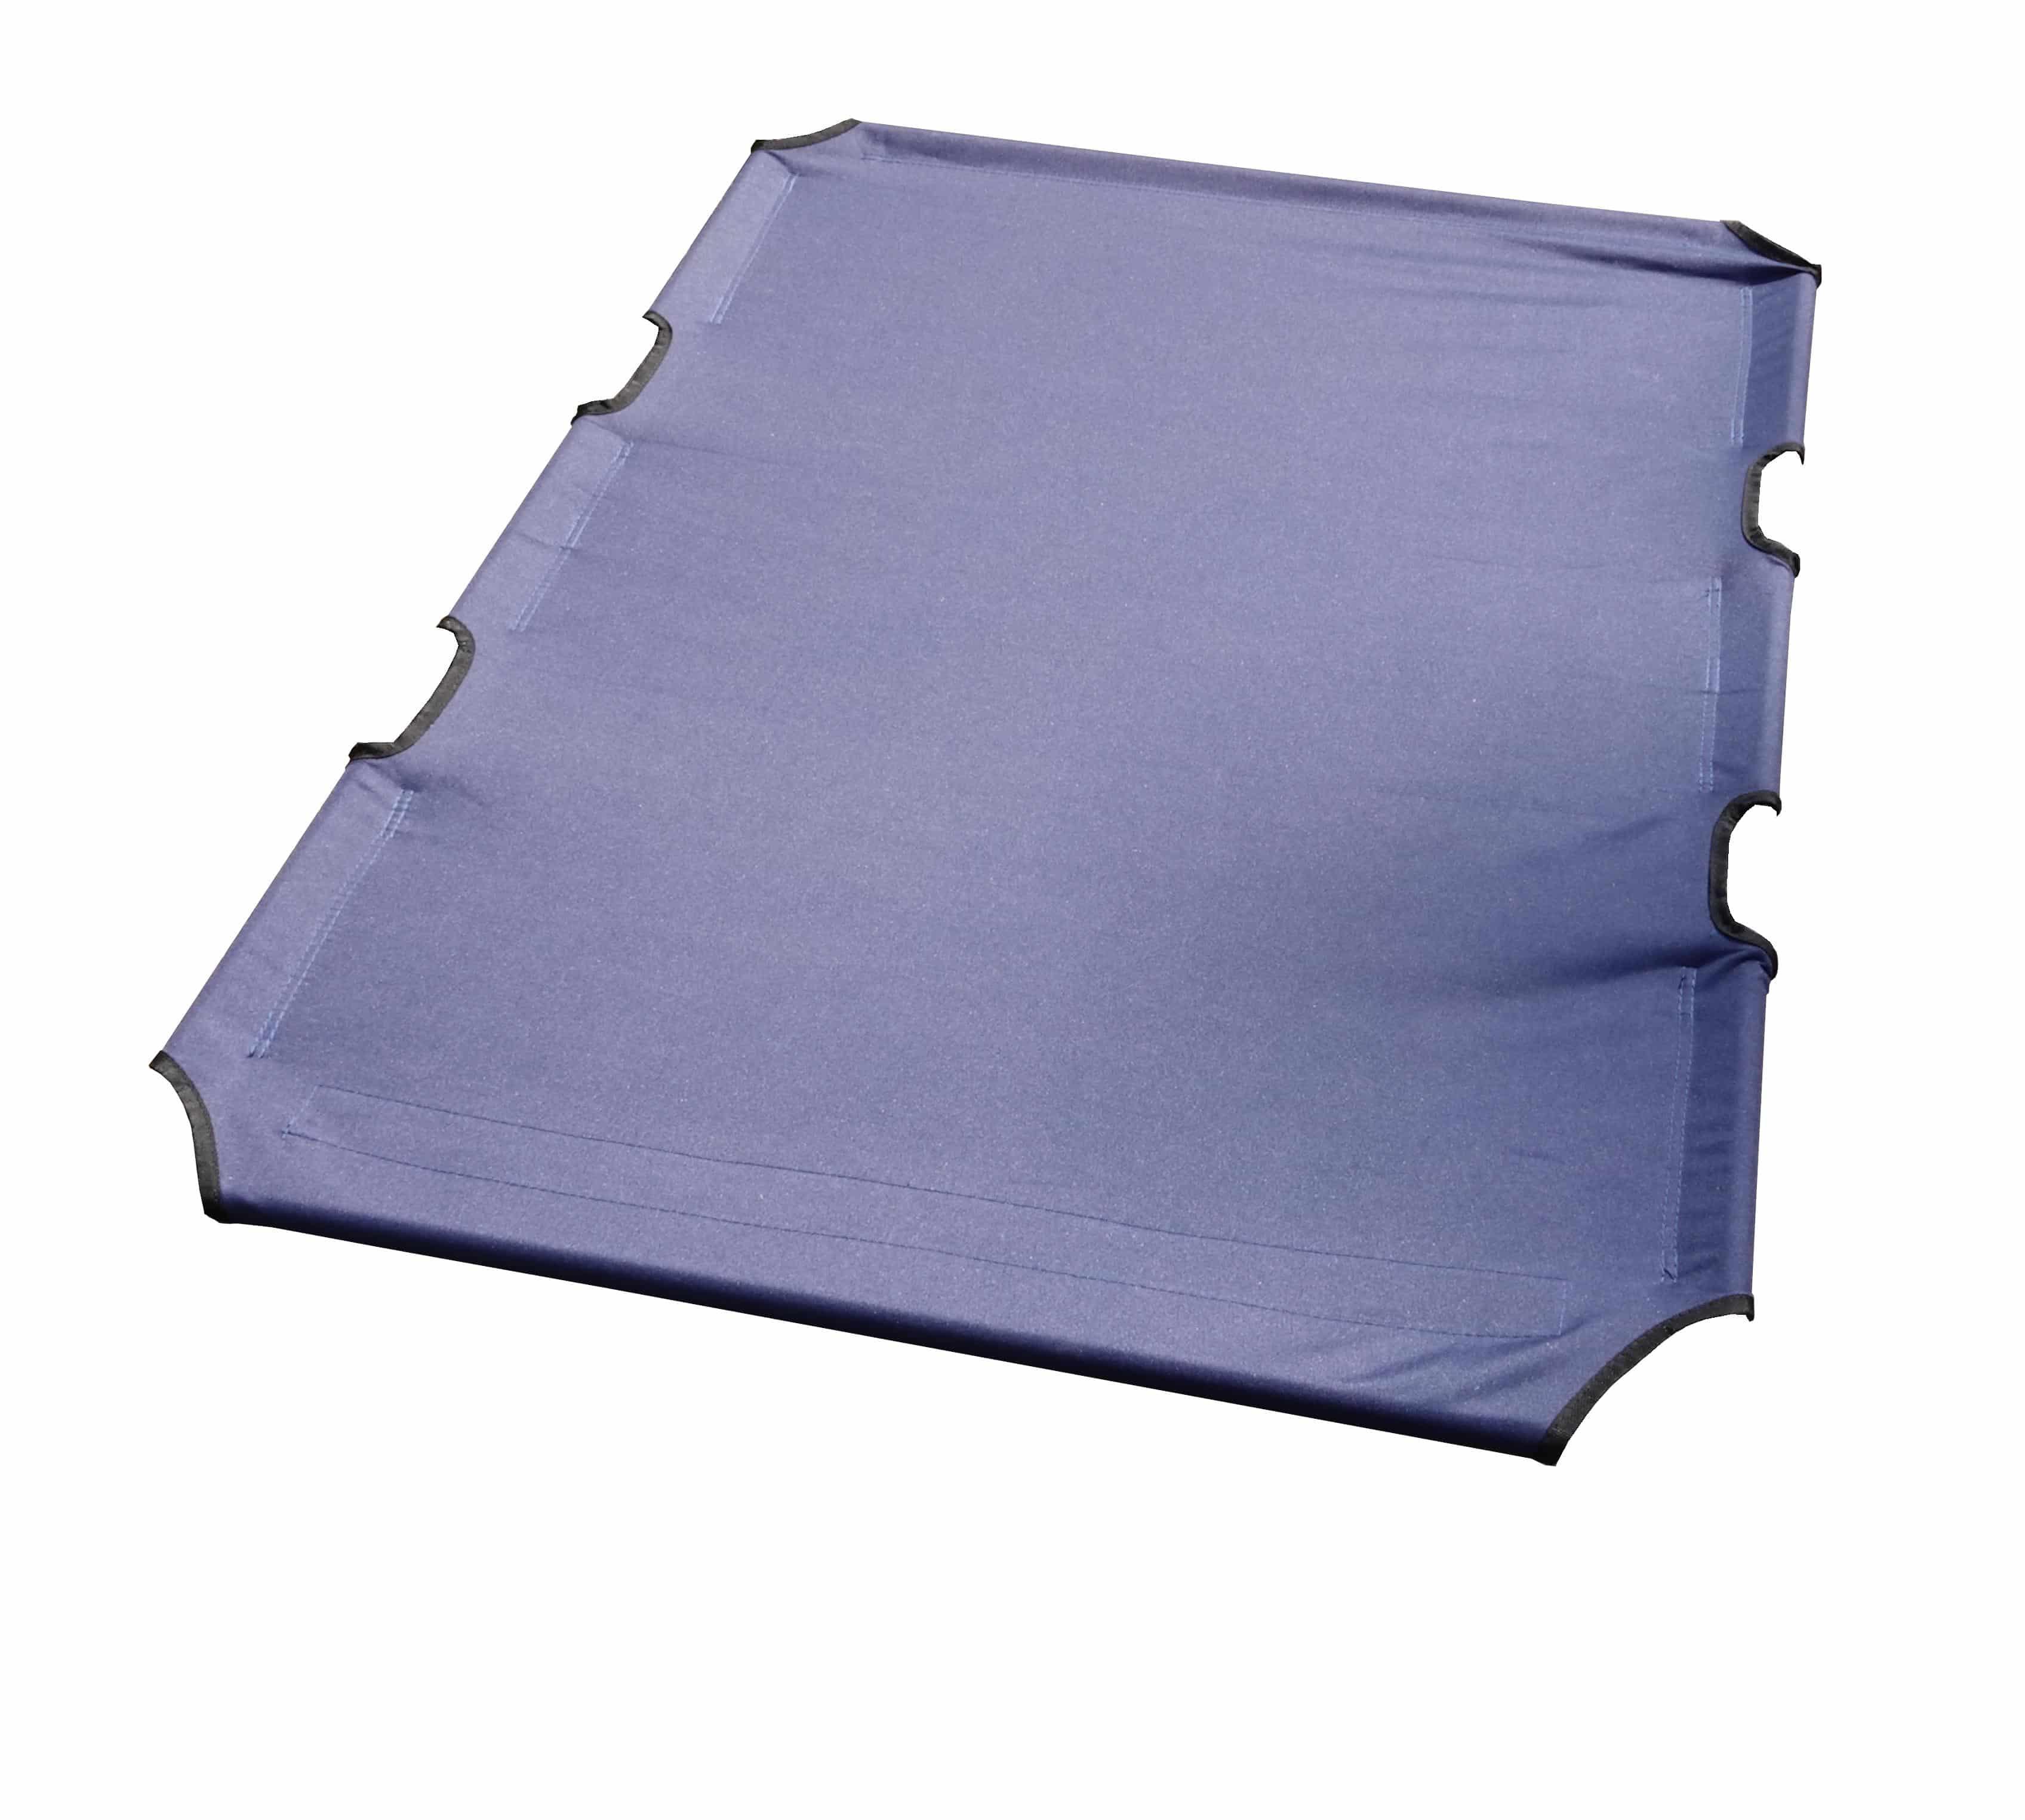 4animalz Vervangingsdoek Honden Ligbed - 122x92cm - Blauw